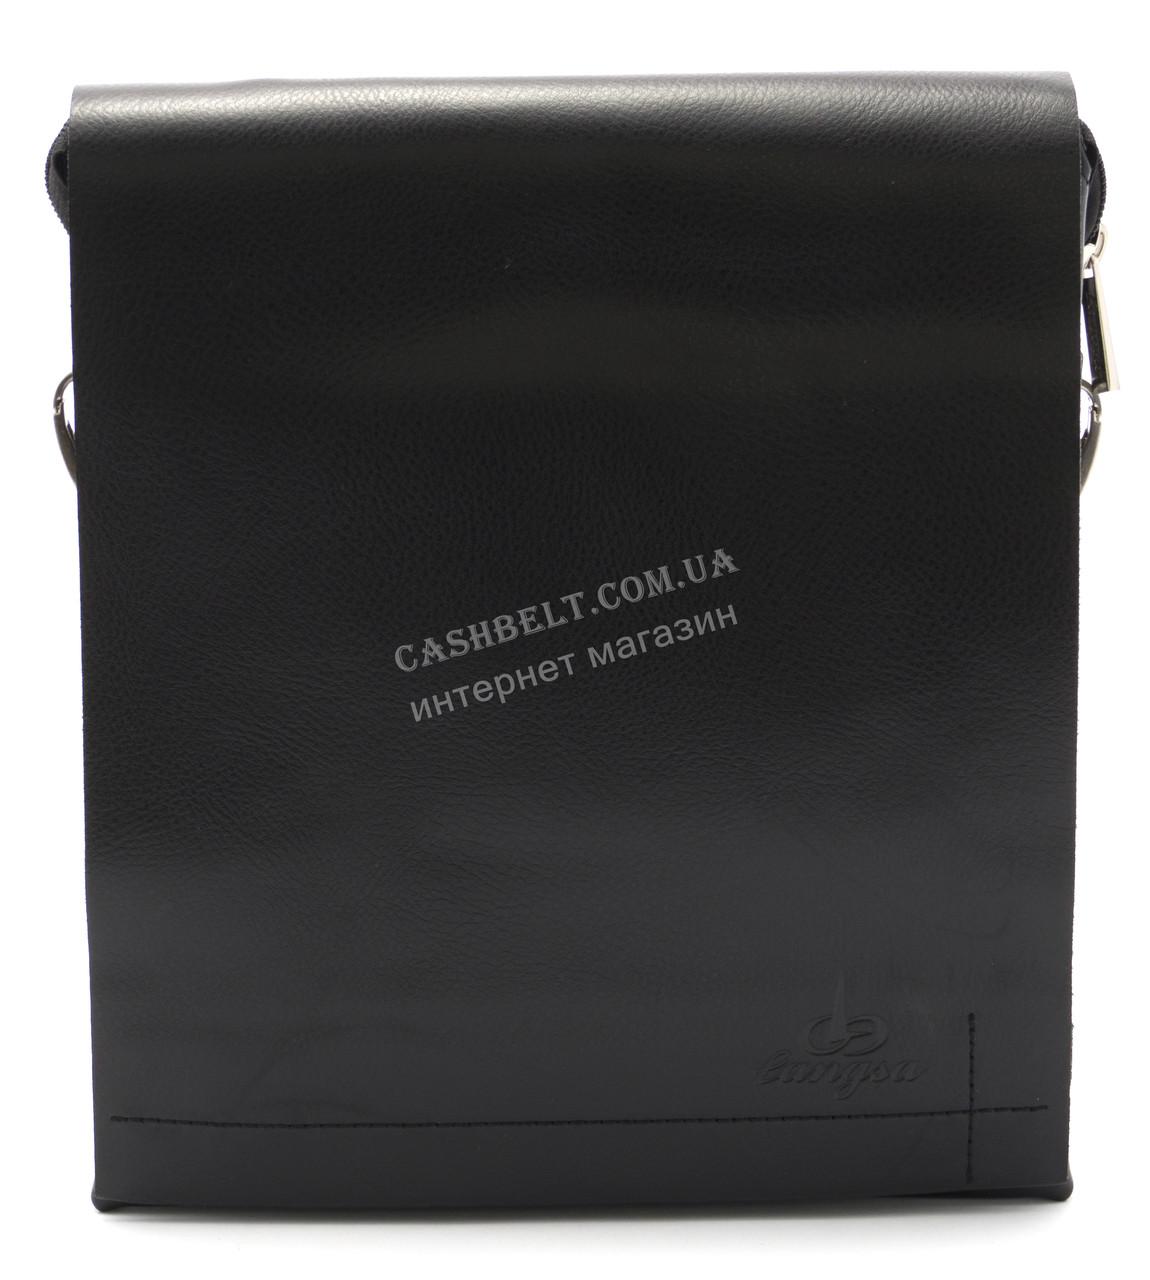 Удобная мужская сумка Langsa art. 9887-3 черный